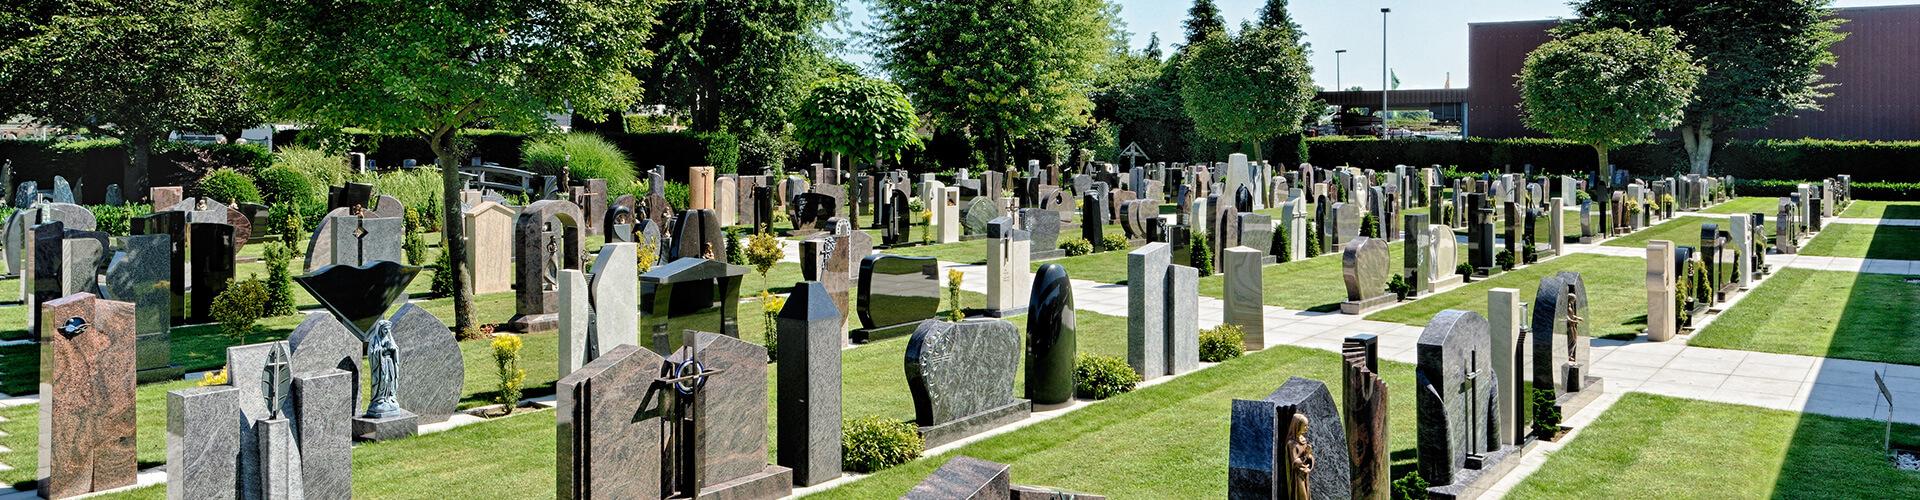 Allgemeine Informationen zu Grabsteinen